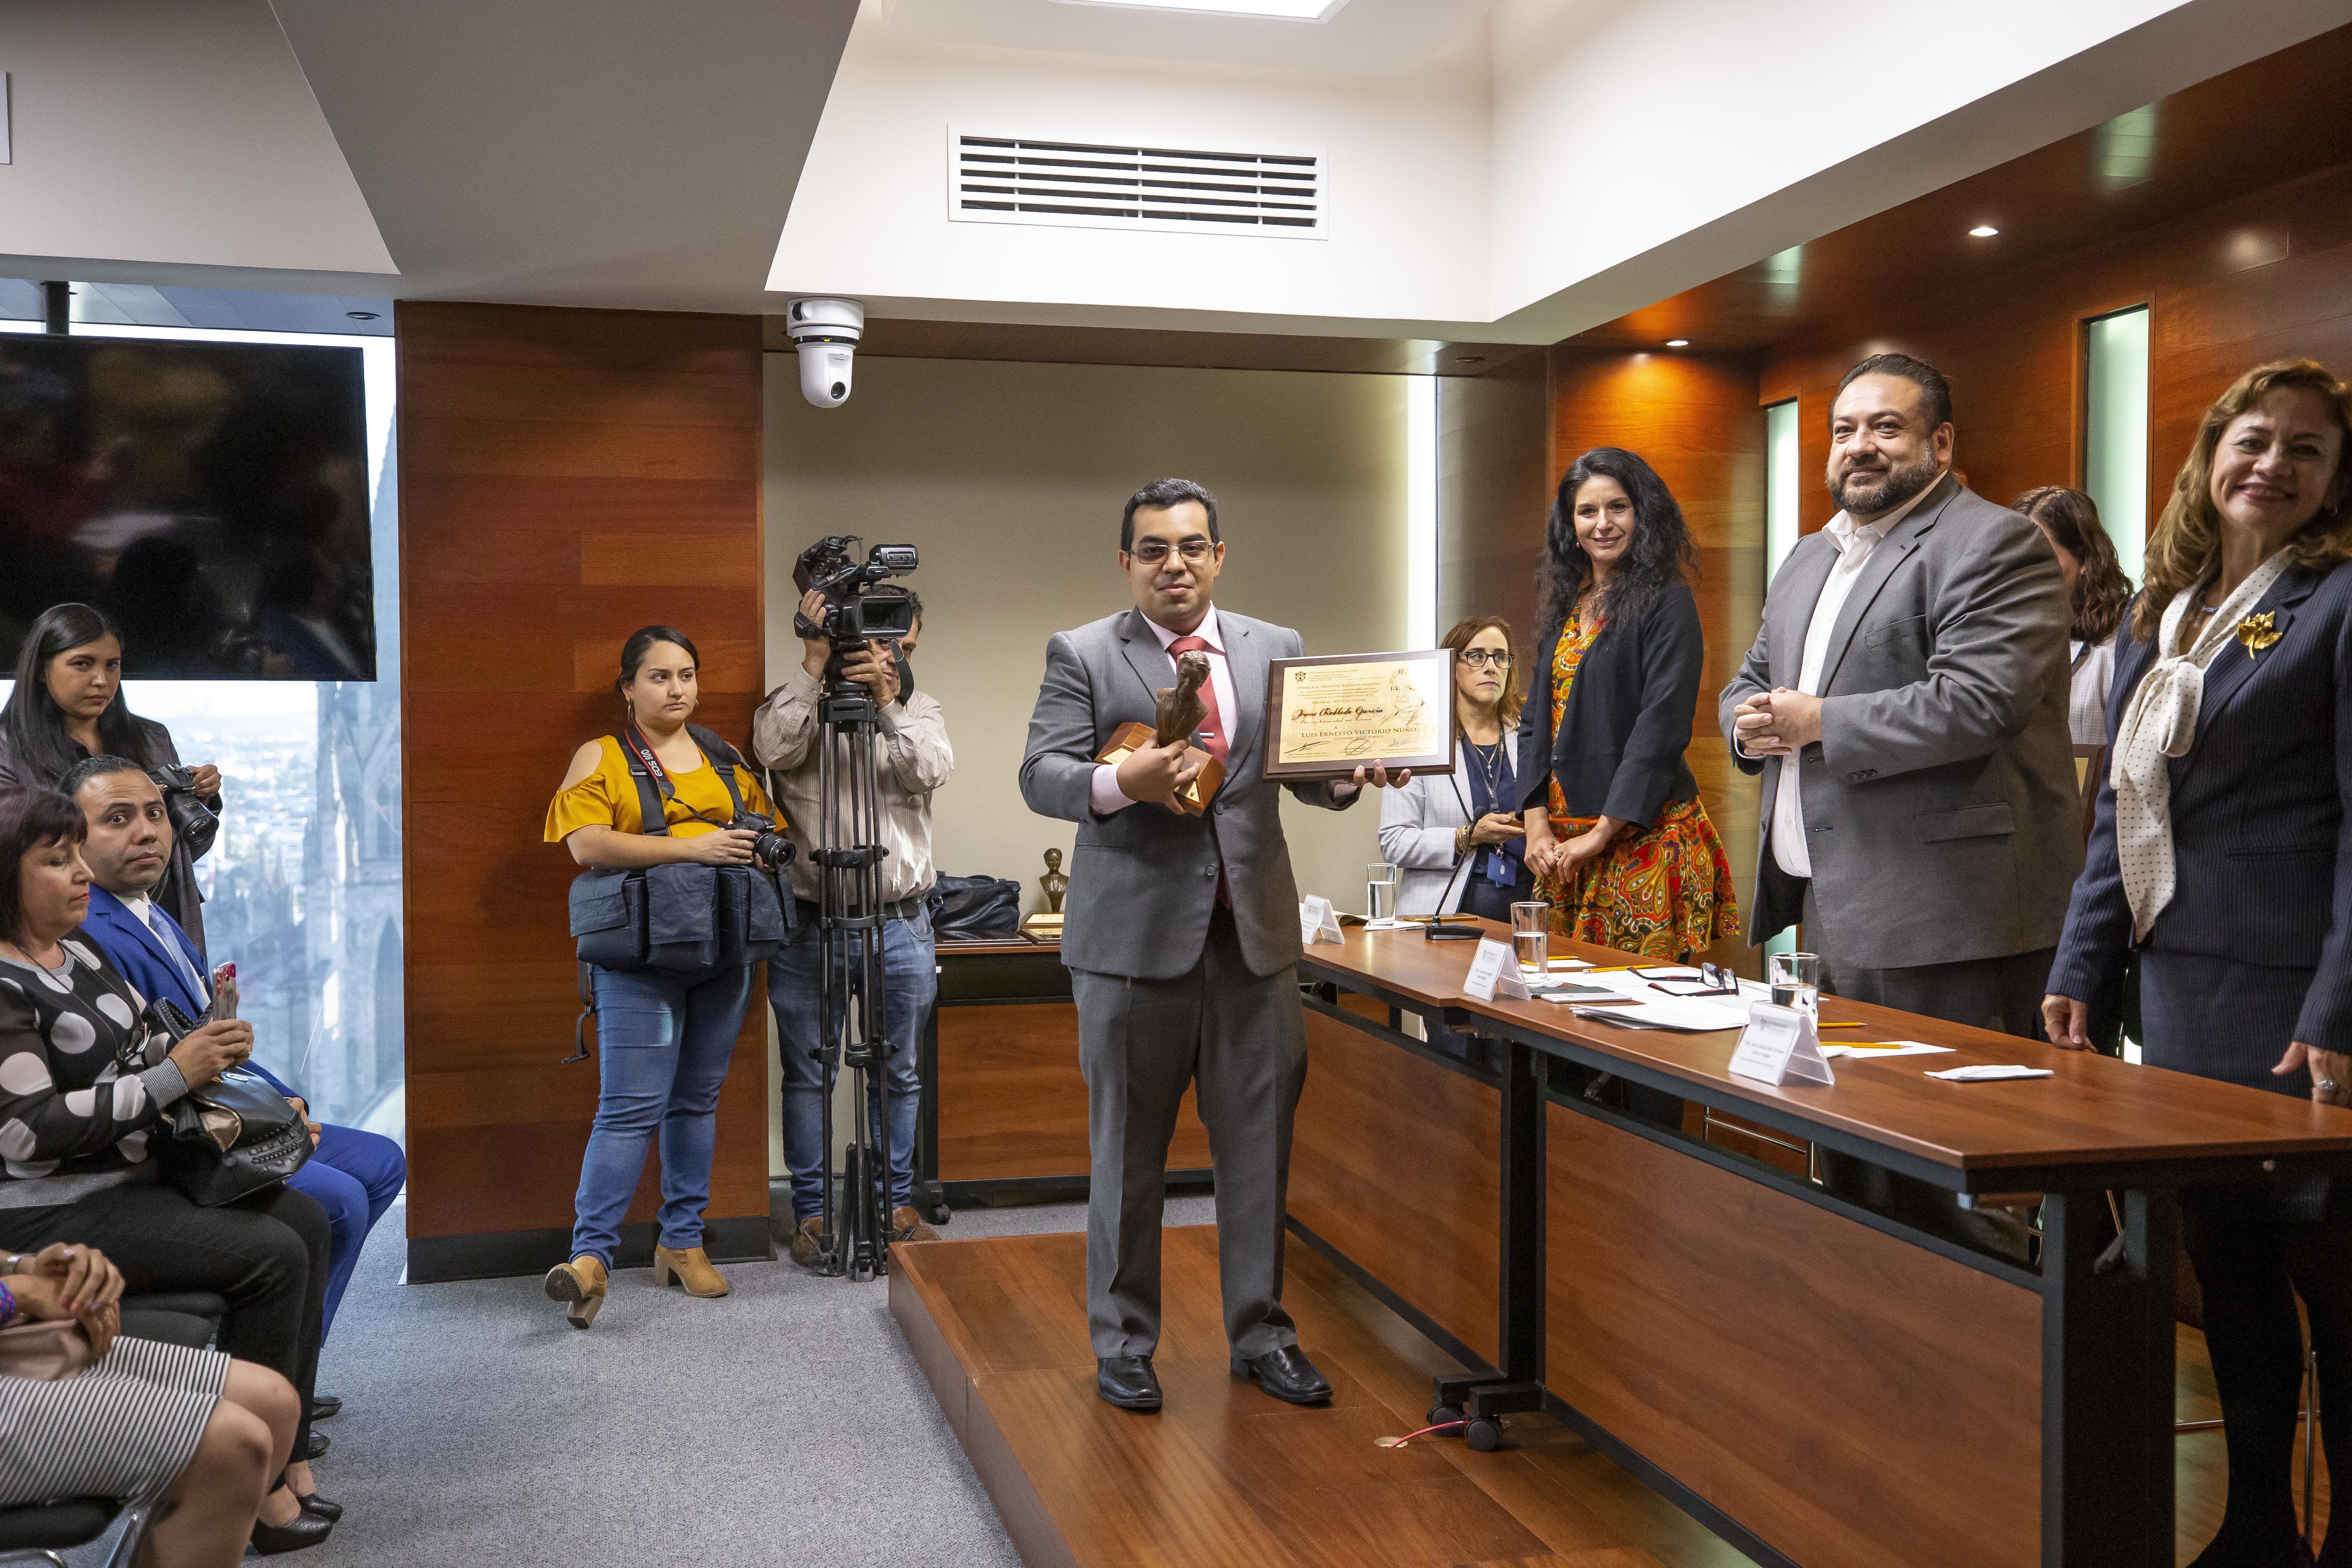 Alumno galardonado exhibiendo su recomendación